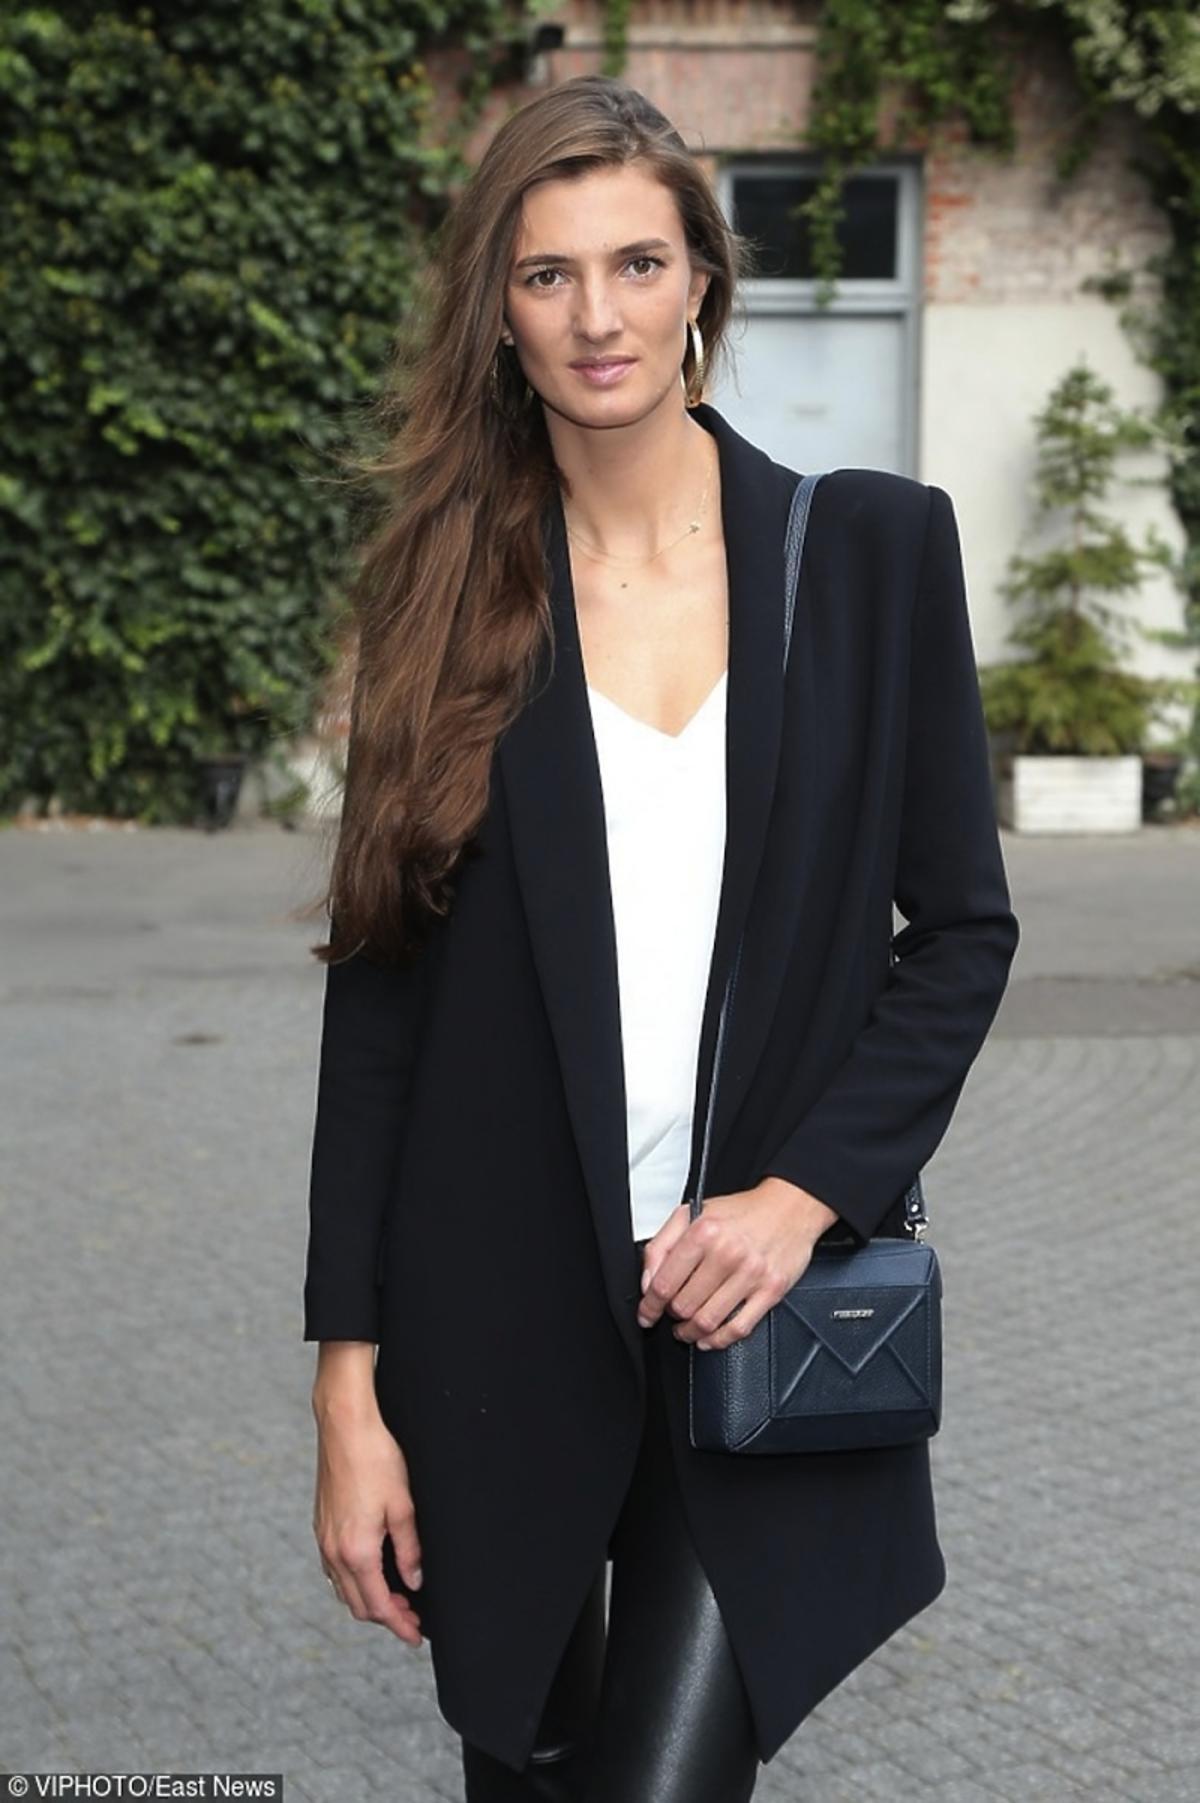 Kamila Szczawińska w skórzanych czarnych spodniach,  białych butach i, białym topie czarnej marynarce, niebiskiej torebce na pasku